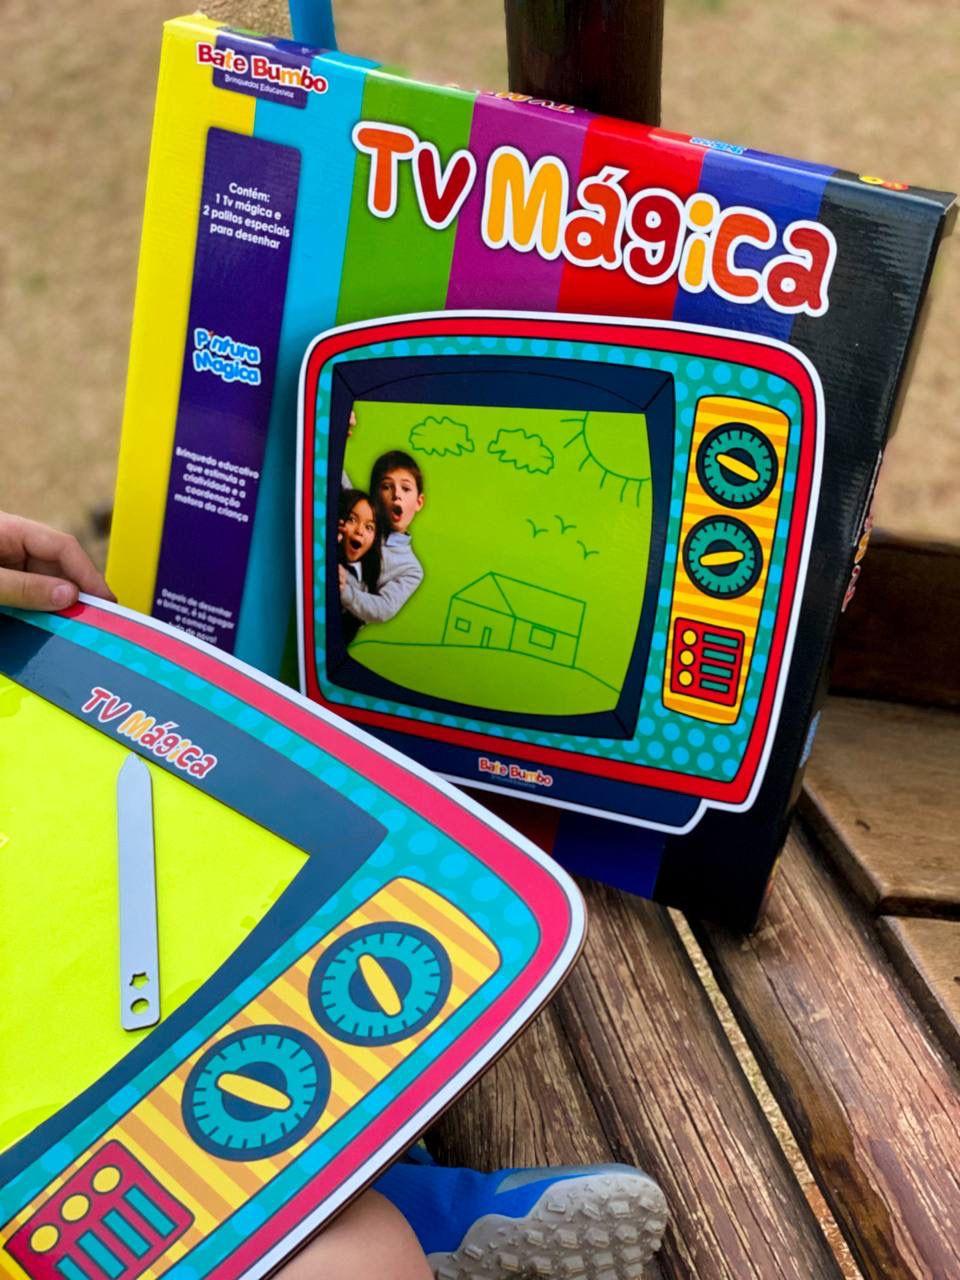 TV Mágica (Lousa Mágica) - Bate Bumbo